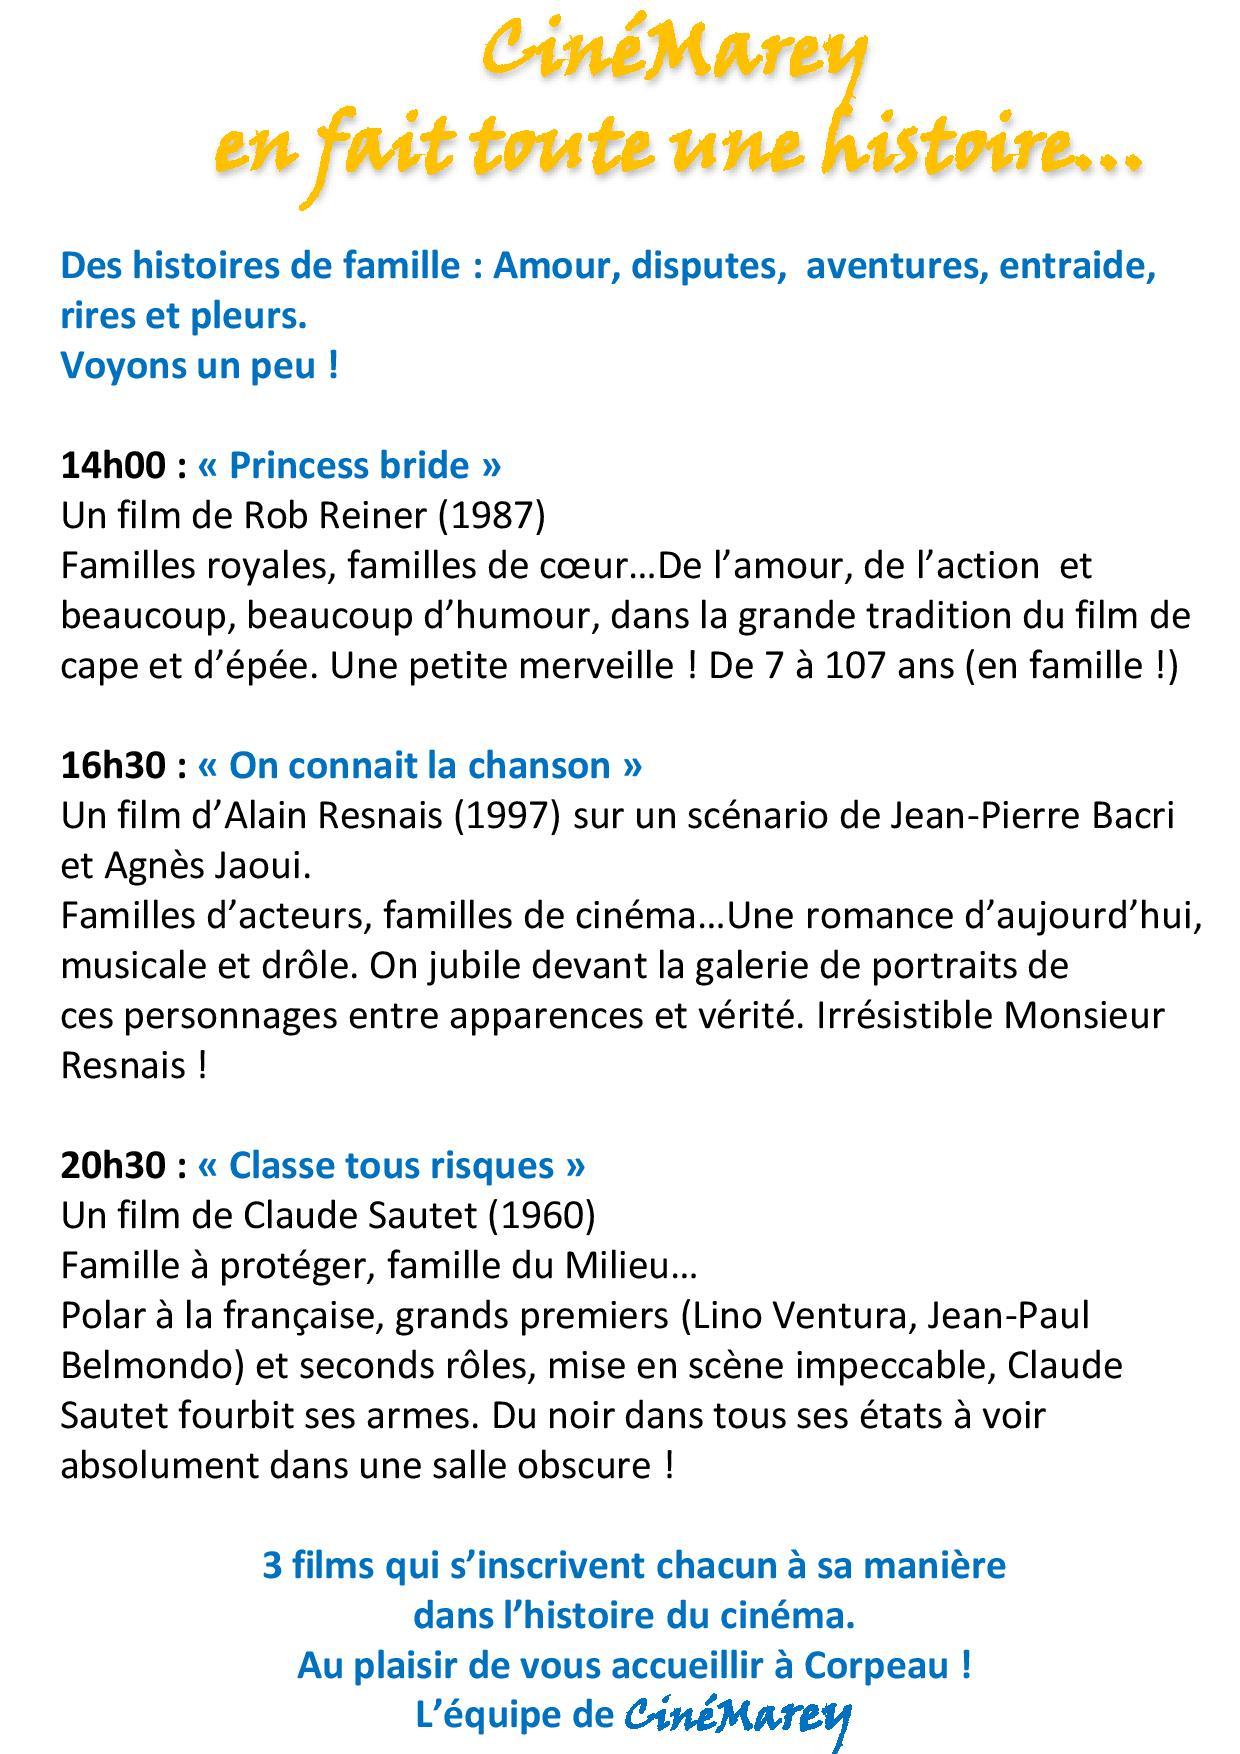 CinéMarey - Flyer A5 - VF -  festival 22 avril 2017-page-002.jpg